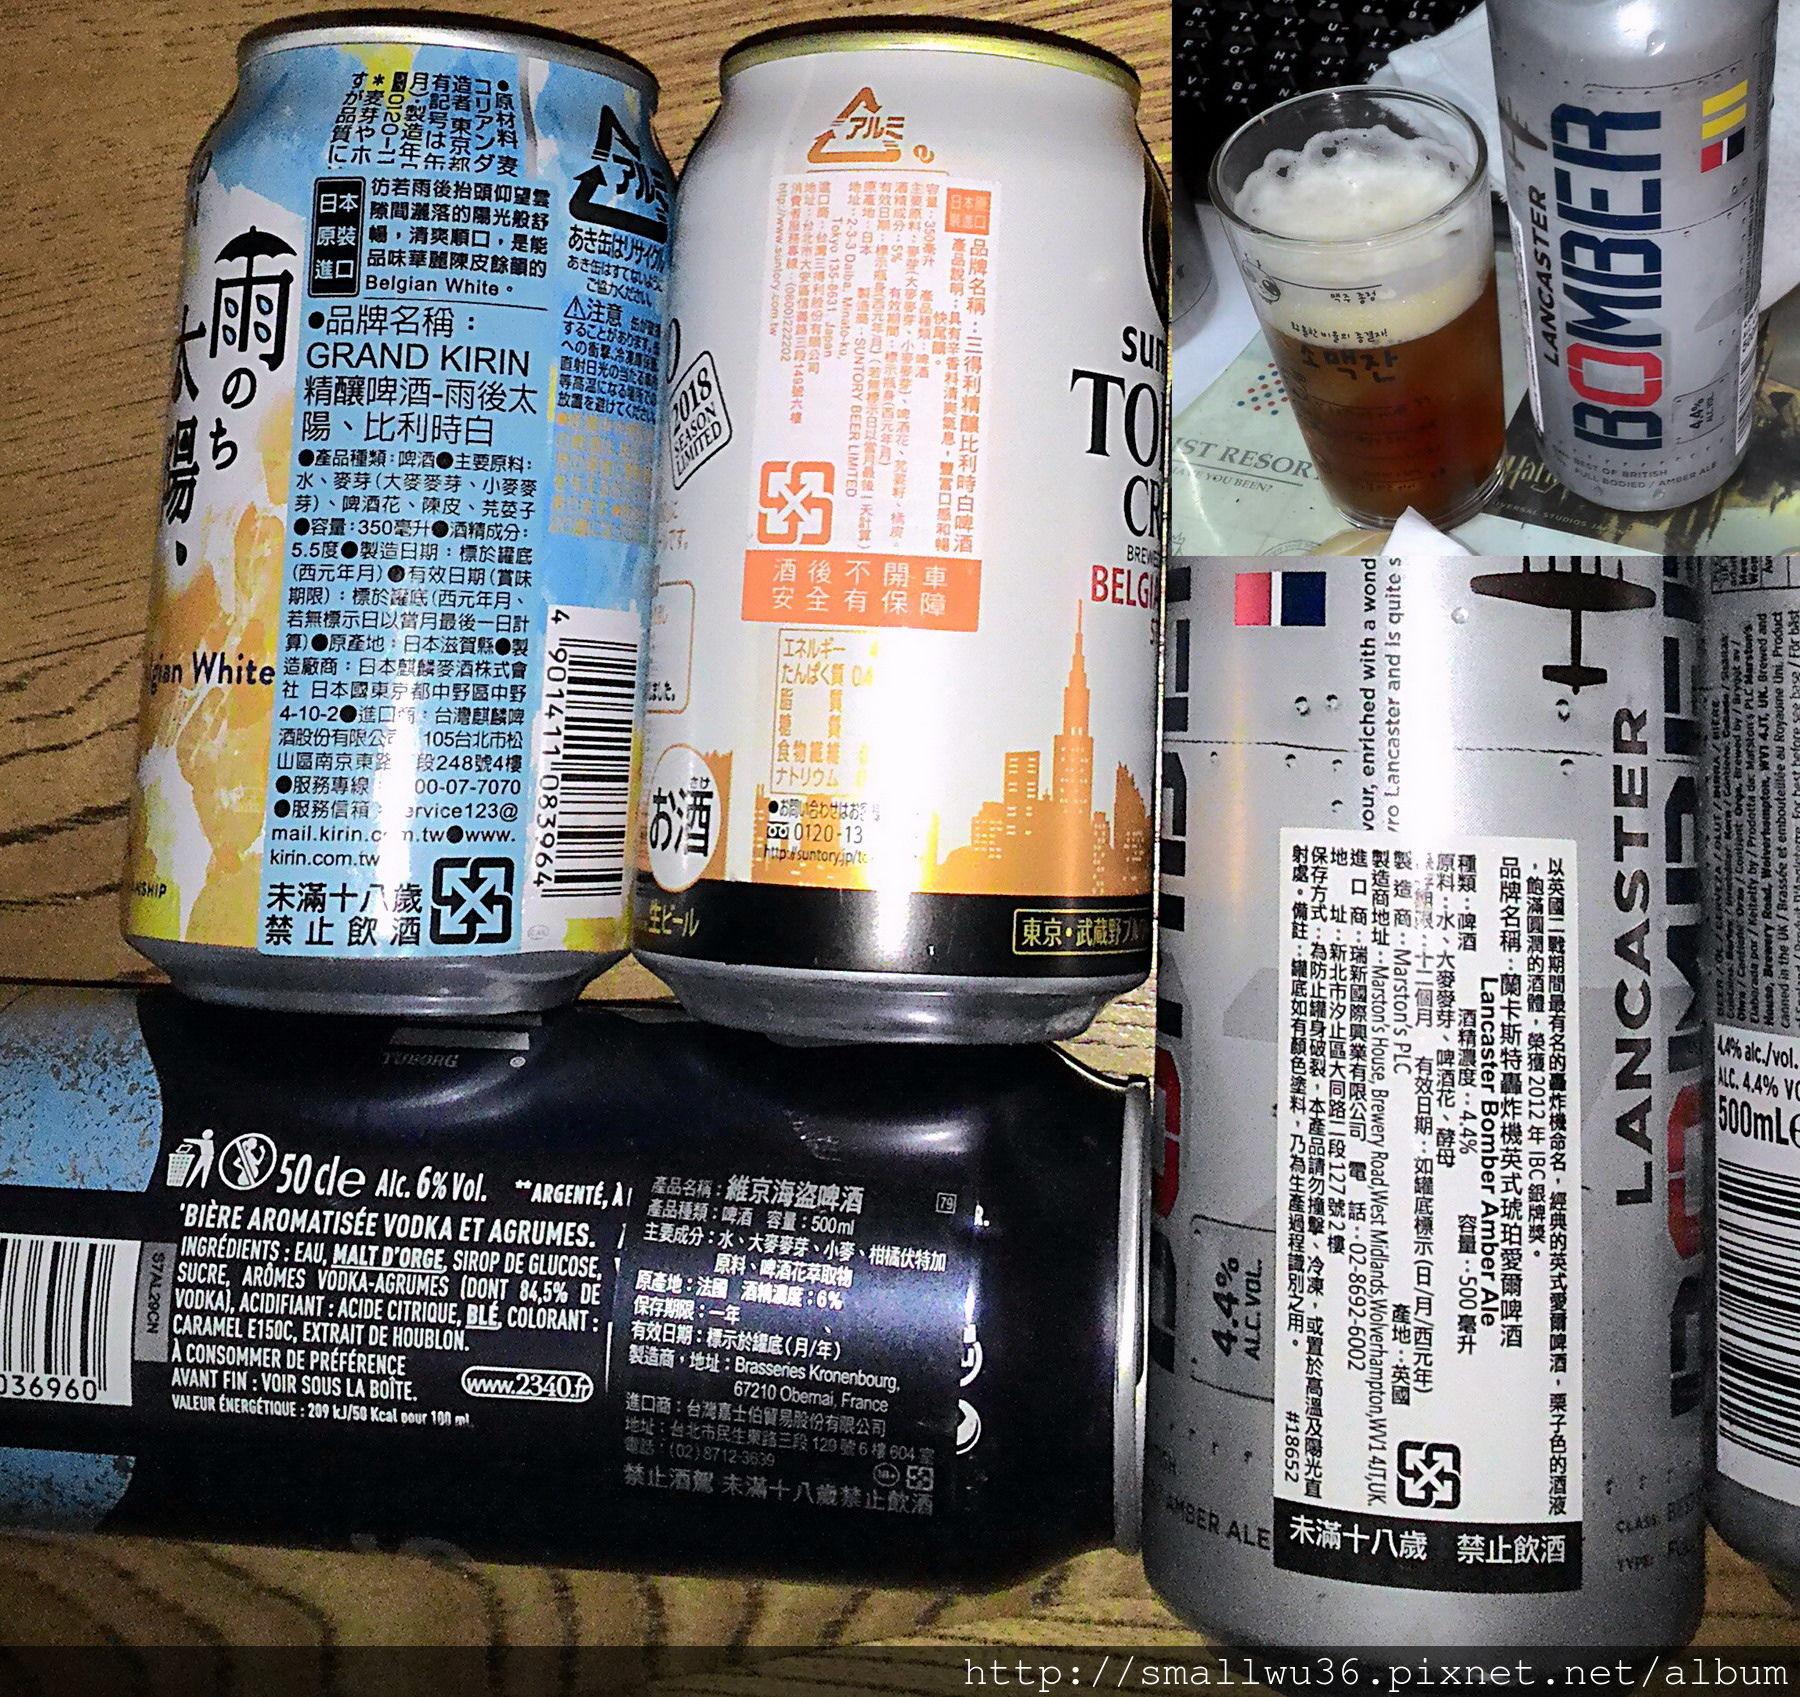 麒麟雨後太陽啤酒 日製,維京海盜法國製,轟炸機愛爾英國製,TOKYO CRAFT三得利.jpg